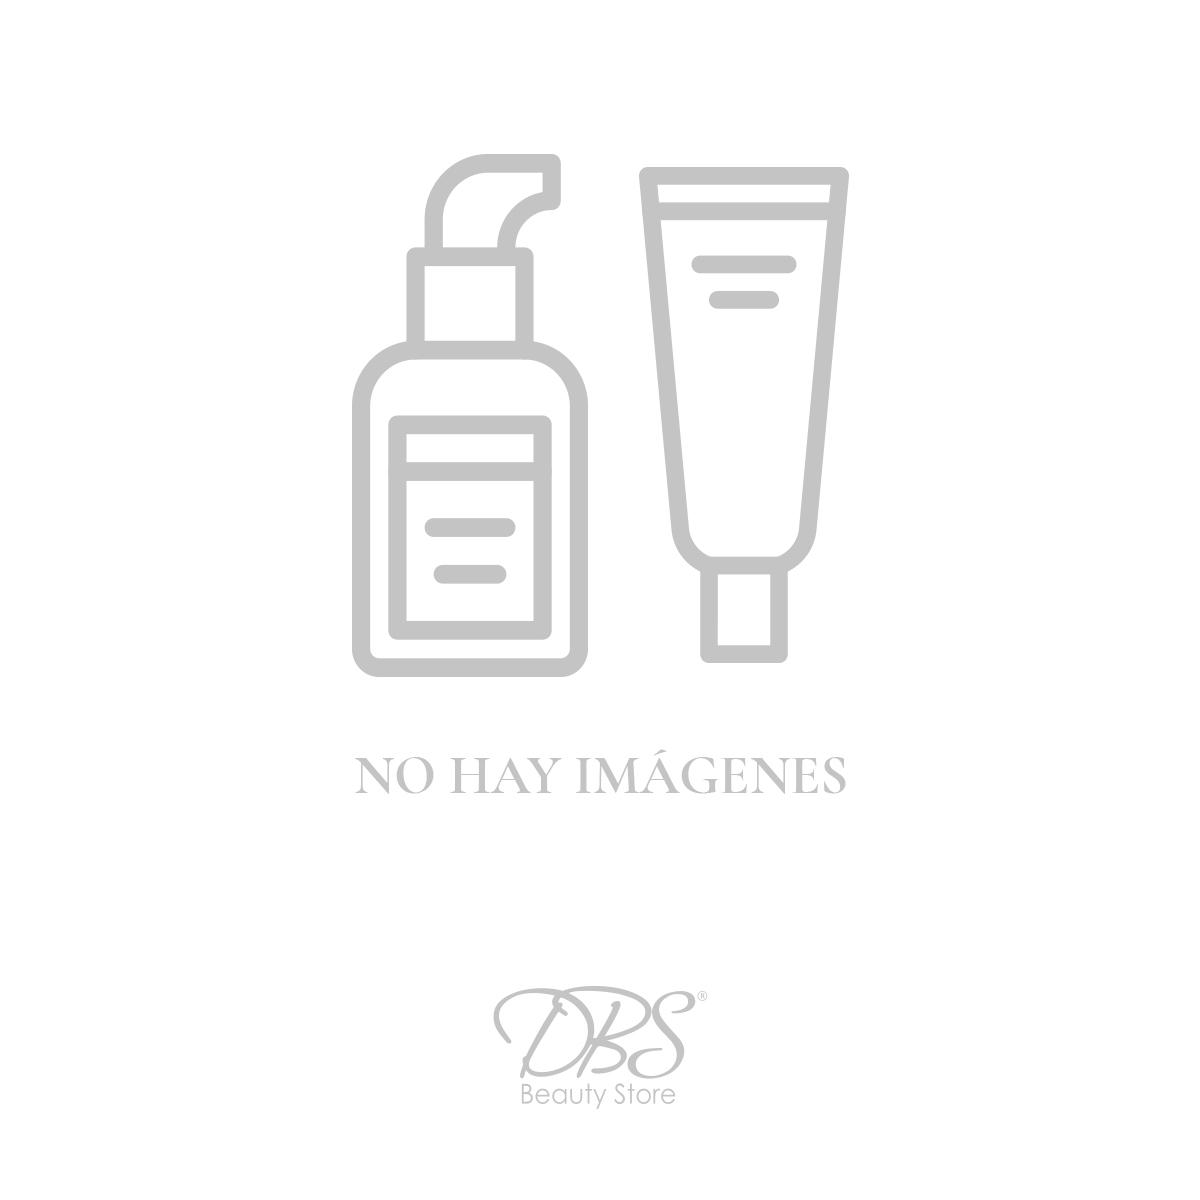 bath-and-body-works-BW-76275.jpg